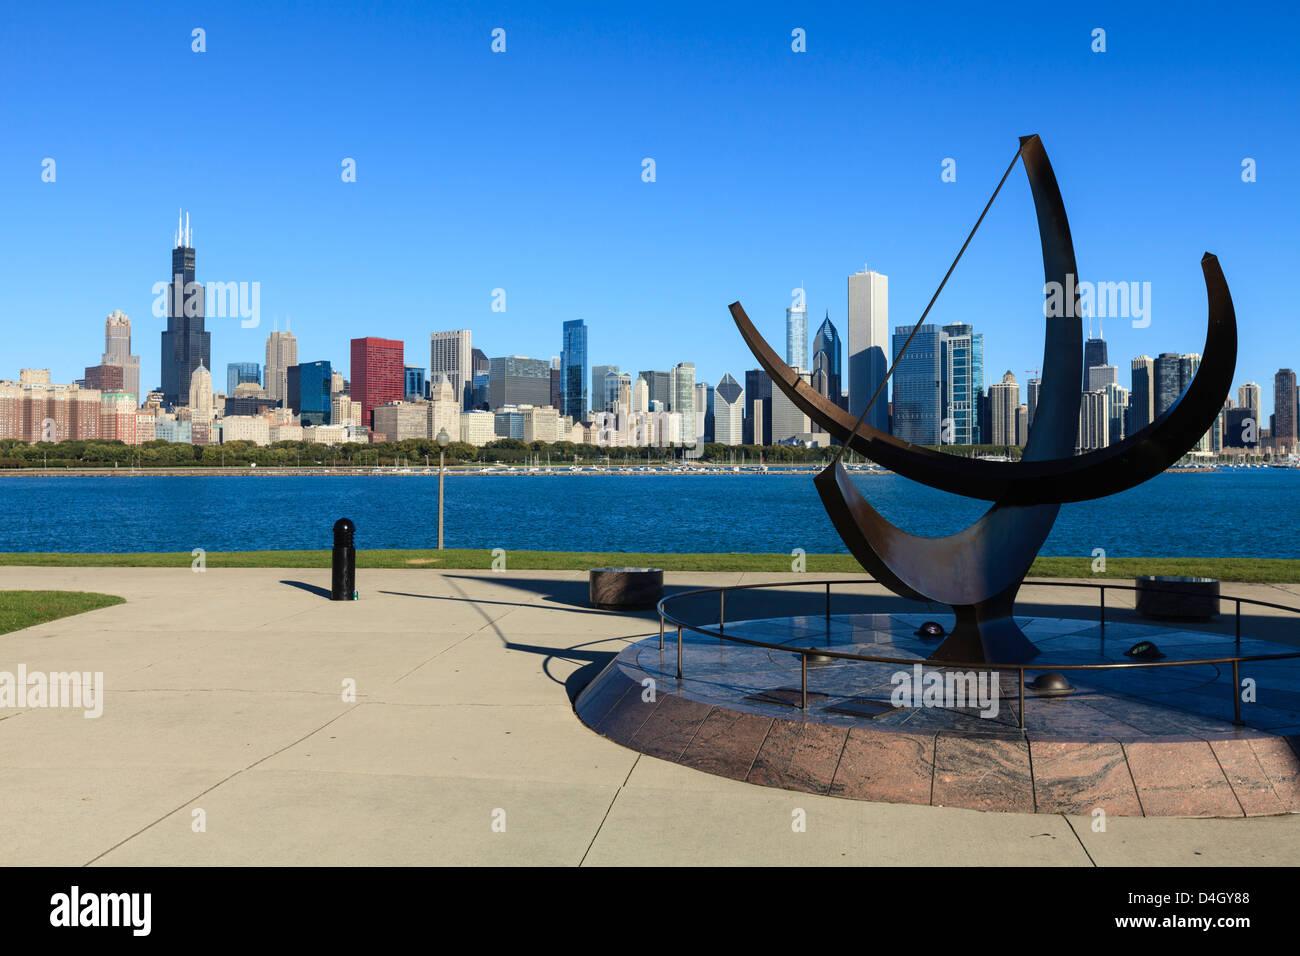 Chicago cityscape, il Planetarium Adler Meridiana in primo piano, Chicago, Illinois, Stati Uniti d'America Immagini Stock